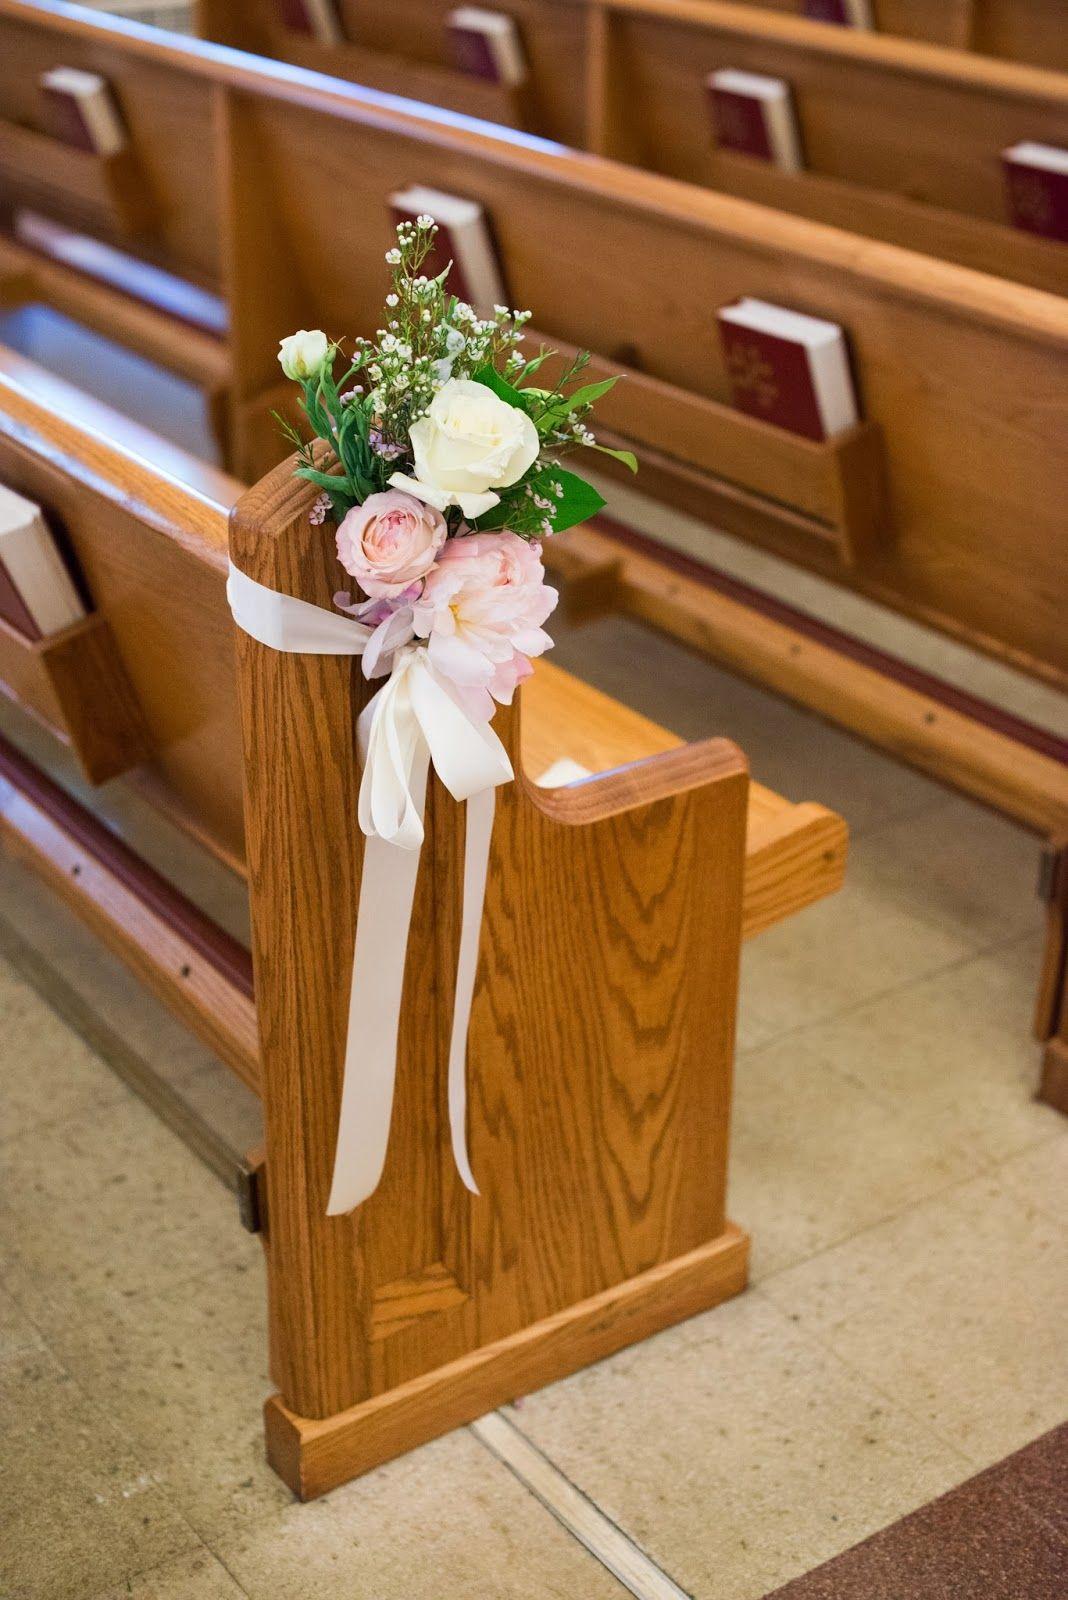 Wedding aisle decor ideas diy  me conto mike q habra una banquita en el despo y en la toma y si